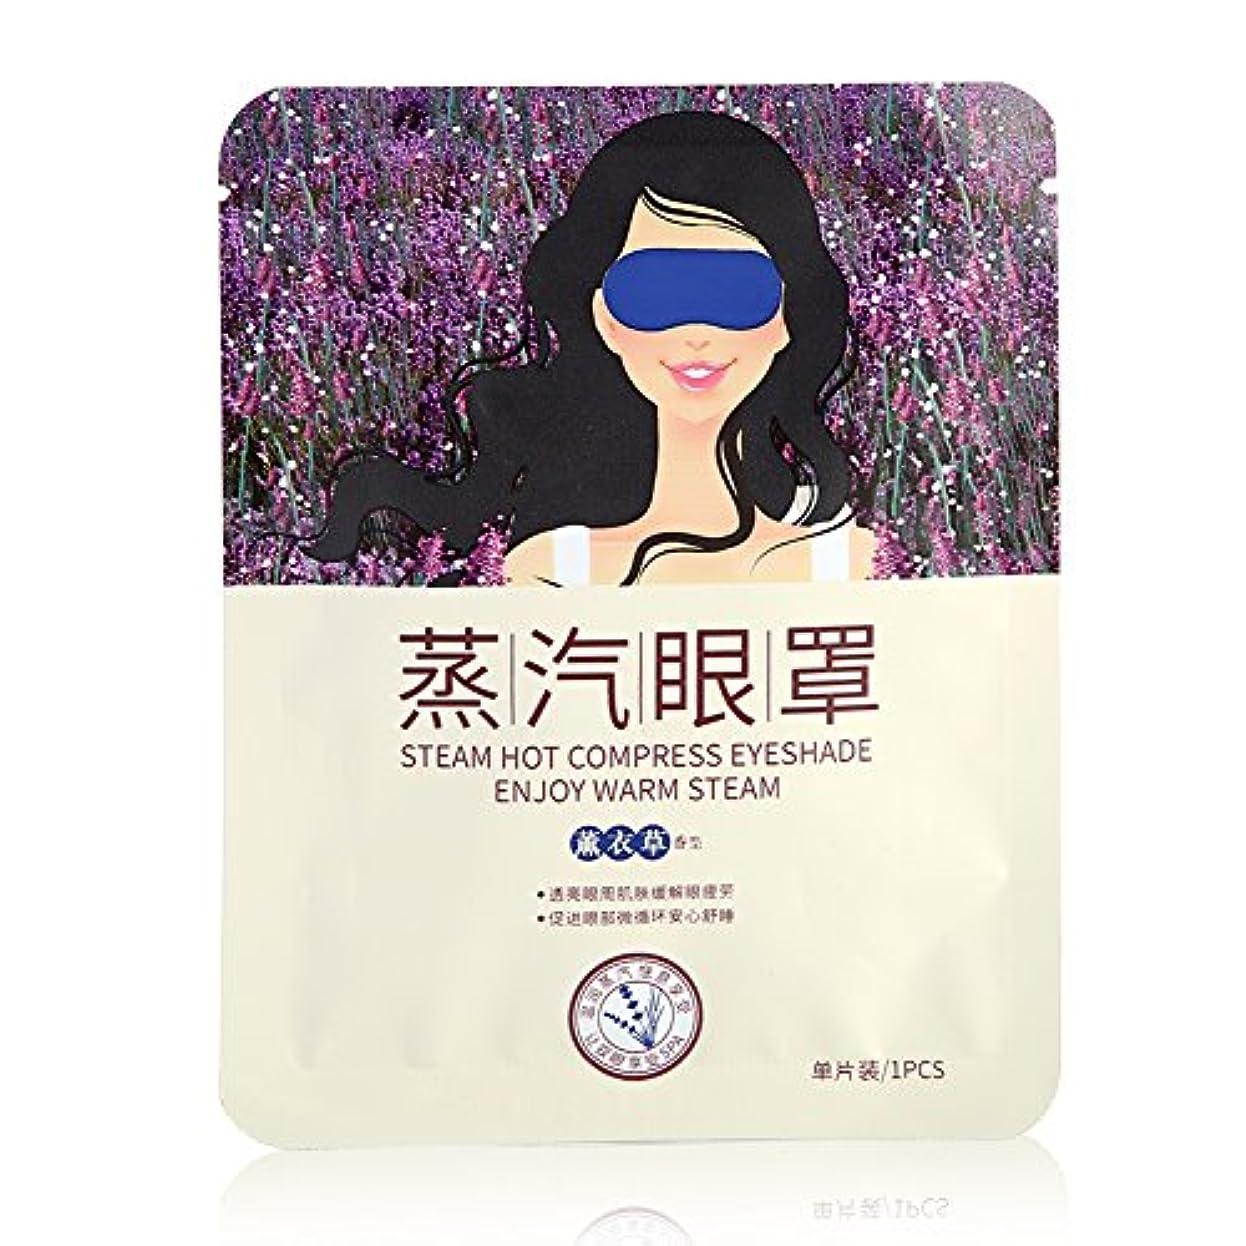 制約大不要Eboxer 蒸気でホットアイマスク ラベンダーの香り 目もとを温めく 軽量 目の疲れ解消 男女通用 安眠 圧迫感なし 遮光 睡眠 ストレス解消